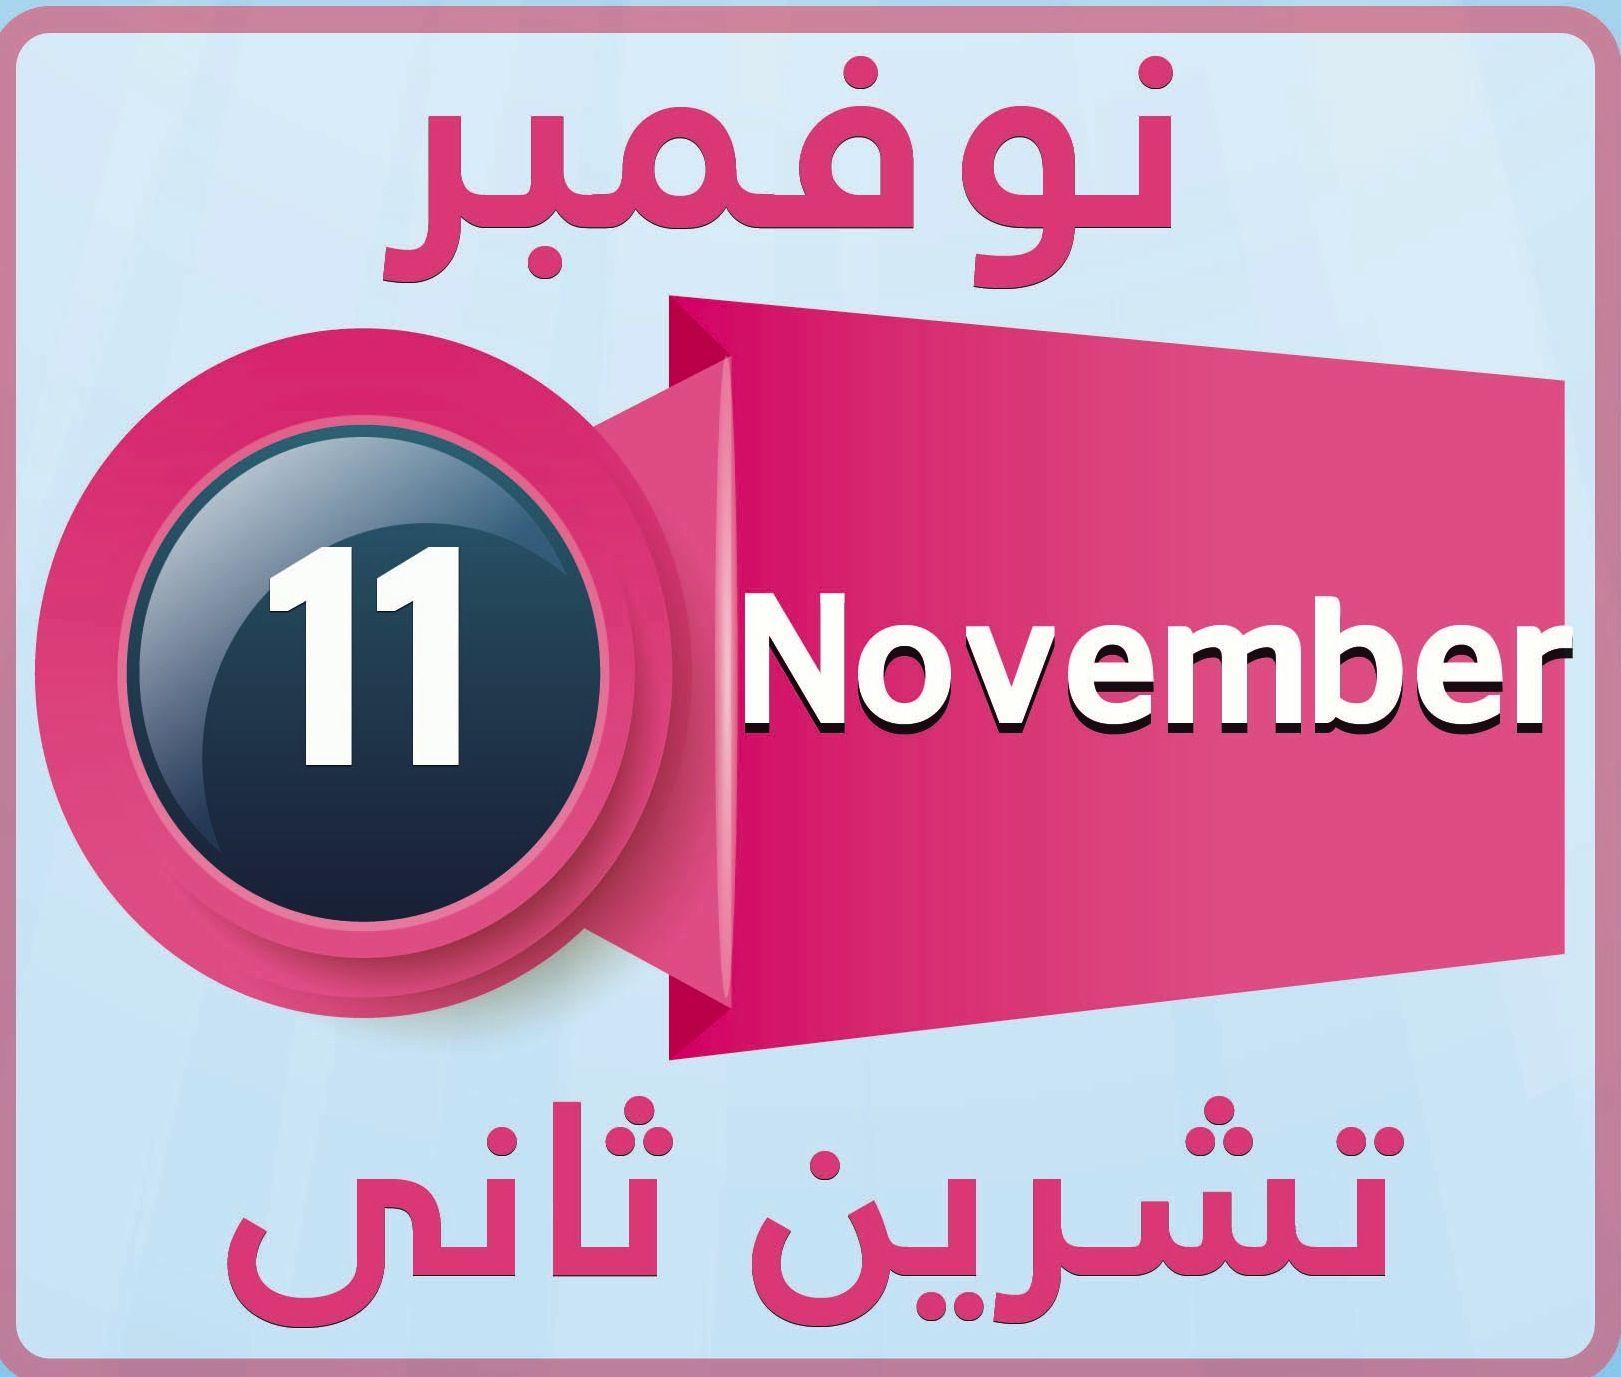 تشرين الثاني هو الشهر الميلادي الحادي عشر من السنة الميلادية November Is The 11th Month Enjoy Learning Gaming Logos Allianz Logo Arabic Worksheets